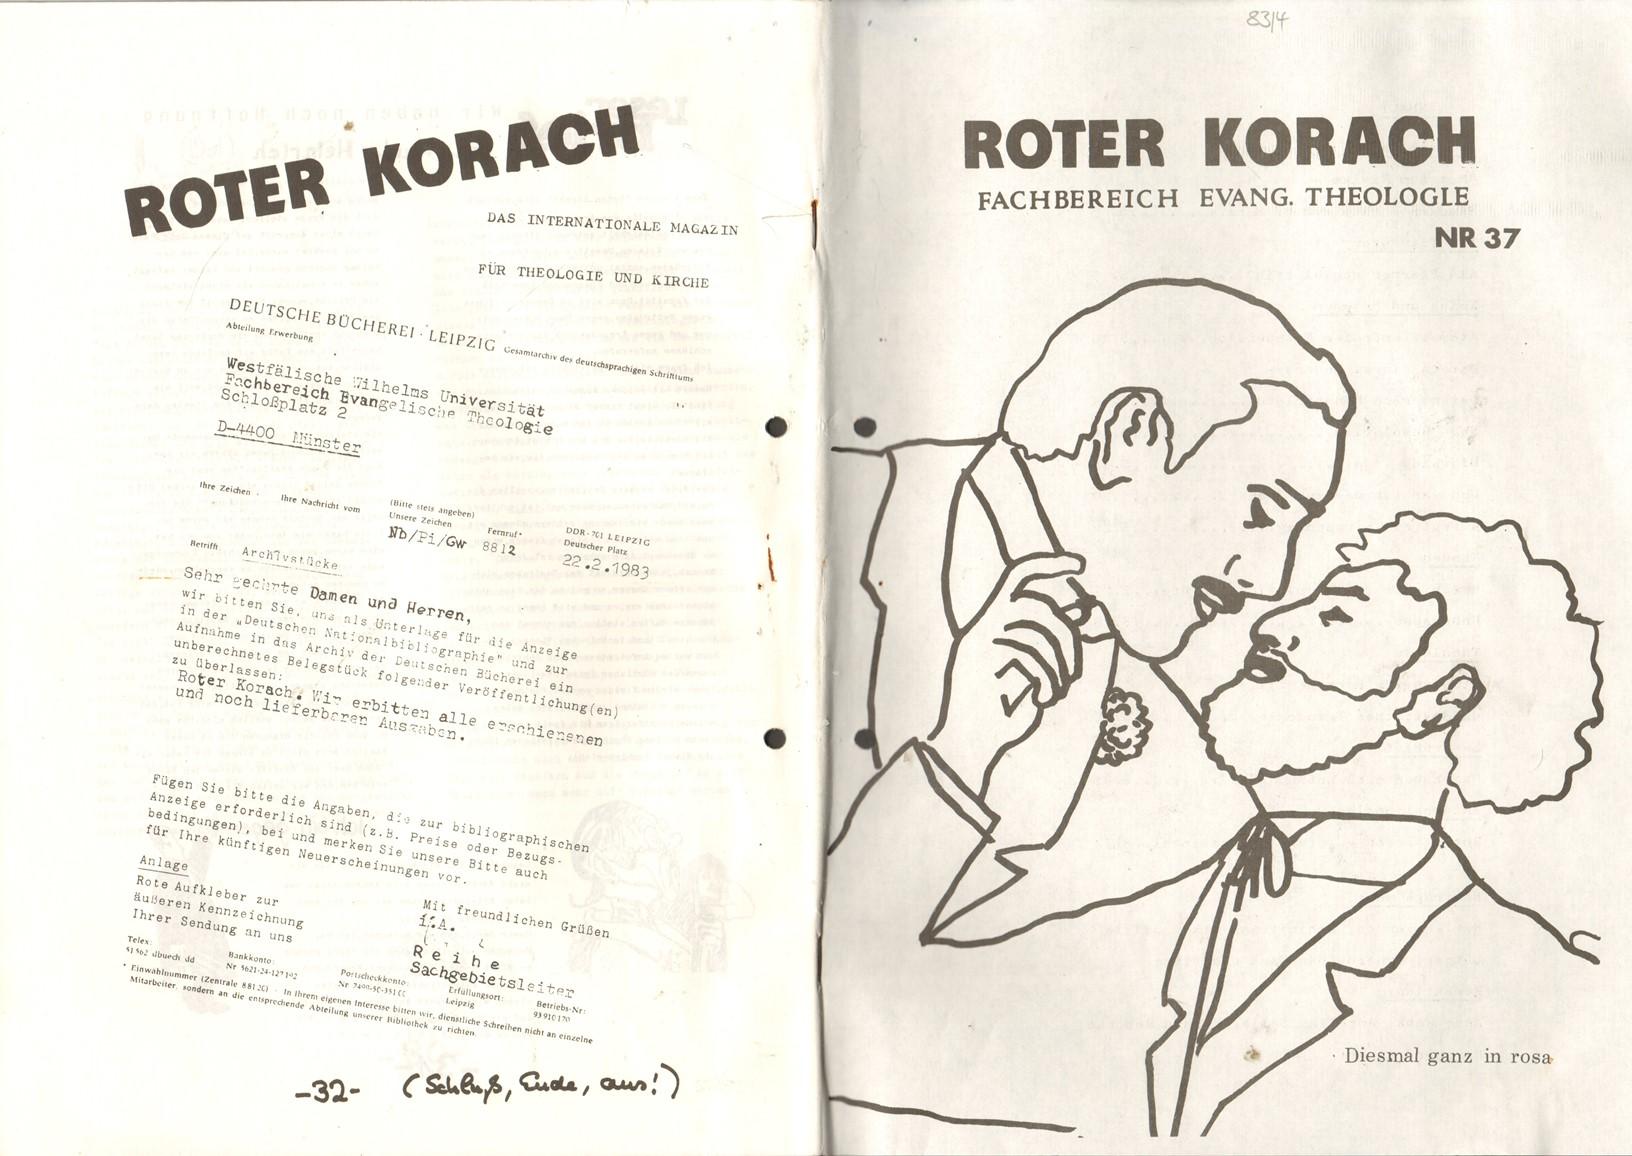 Muenster_Roter_Korach_19830400_01